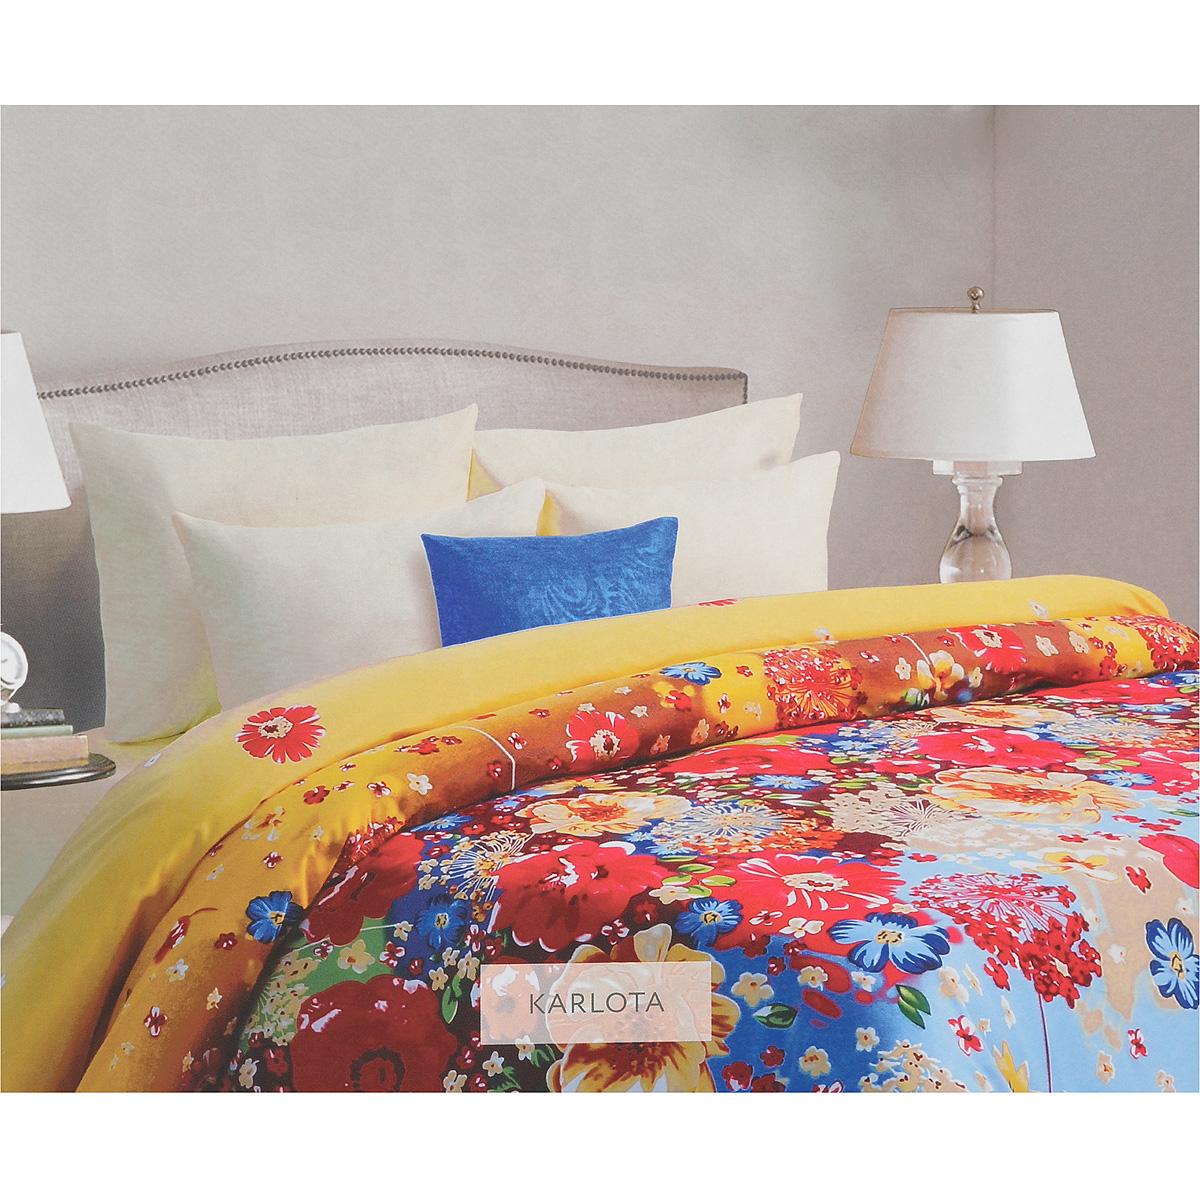 Комплект белья Mona Liza Karlota, 2-спальный, наволочки 50х70, цвет: желтый, голубой. 562205/5562205/5Комплект белья Mona Liza Karlota, выполненный из батиста (100% хлопок), состоит из пододеяльника, простыни и двух наволочек. Изделия оформлены красивым цветочным рисунком. Батист - тонкая, легкая натуральная ткань полотняного переплетения. Ткань с незначительной сминаемостью, хорошо сохраняющая цвет при стирке, легкая, с прекрасными гигиеническими показателями.В комплект входит: Пододеяльник - 1 шт. Размер: 175 см х 210 см. Простыня - 1 шт. Размер: 215 см х 240 см. Наволочка - 2 шт. Размер: 50 см х 70 см. Рекомендации по уходу: - Ручная и машинная стирка 40°С, - Гладить при температуре не более 150°С, - Не использовать хлорсодержащие средства, - Щадящая сушка, - Не подвергать химчистке.